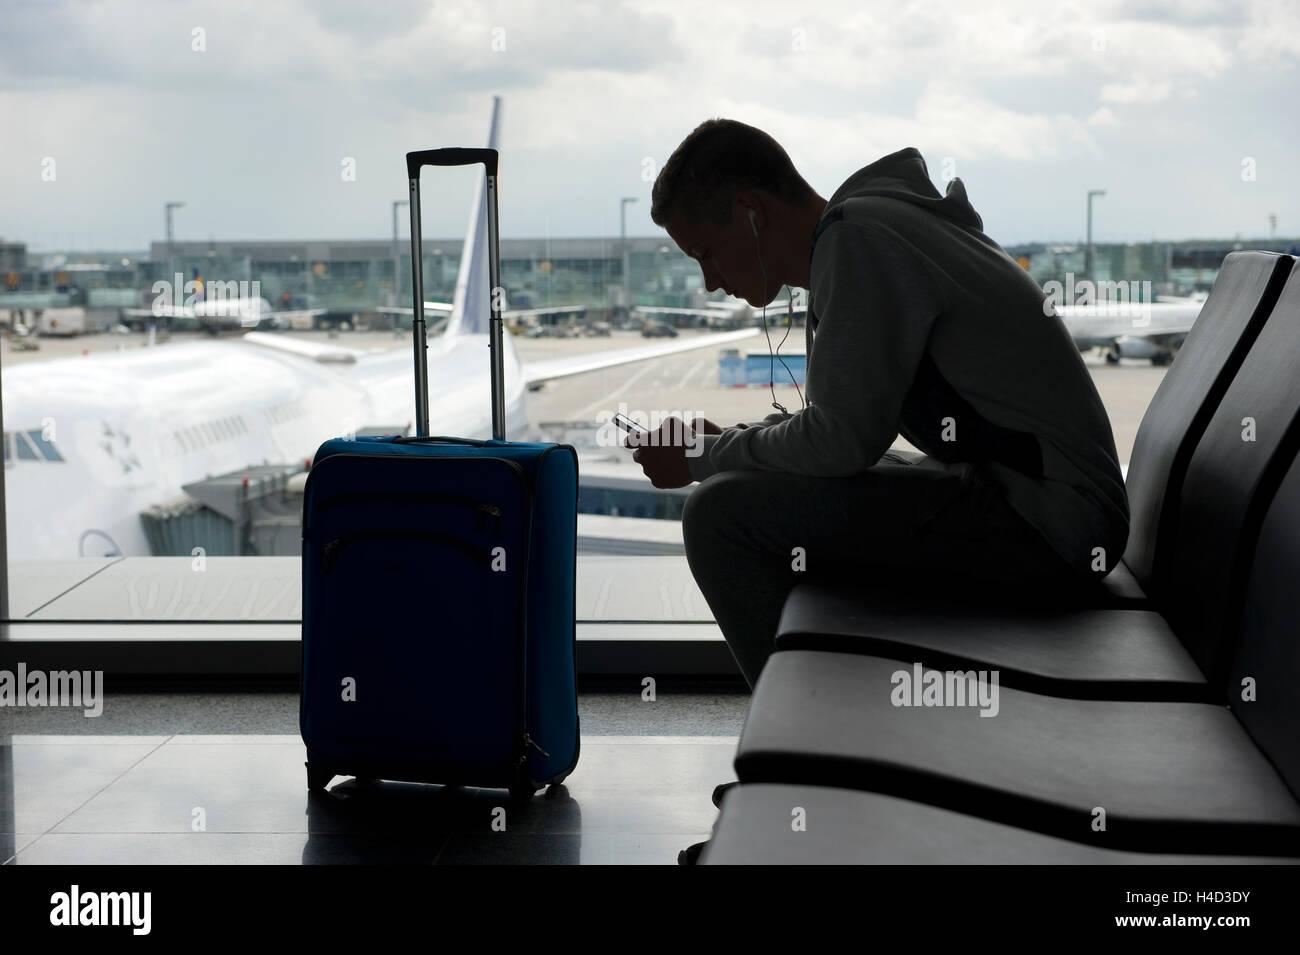 Ein Teenager wartet auf einen Flughafen und spielt mit seinem smartphone Stockbild